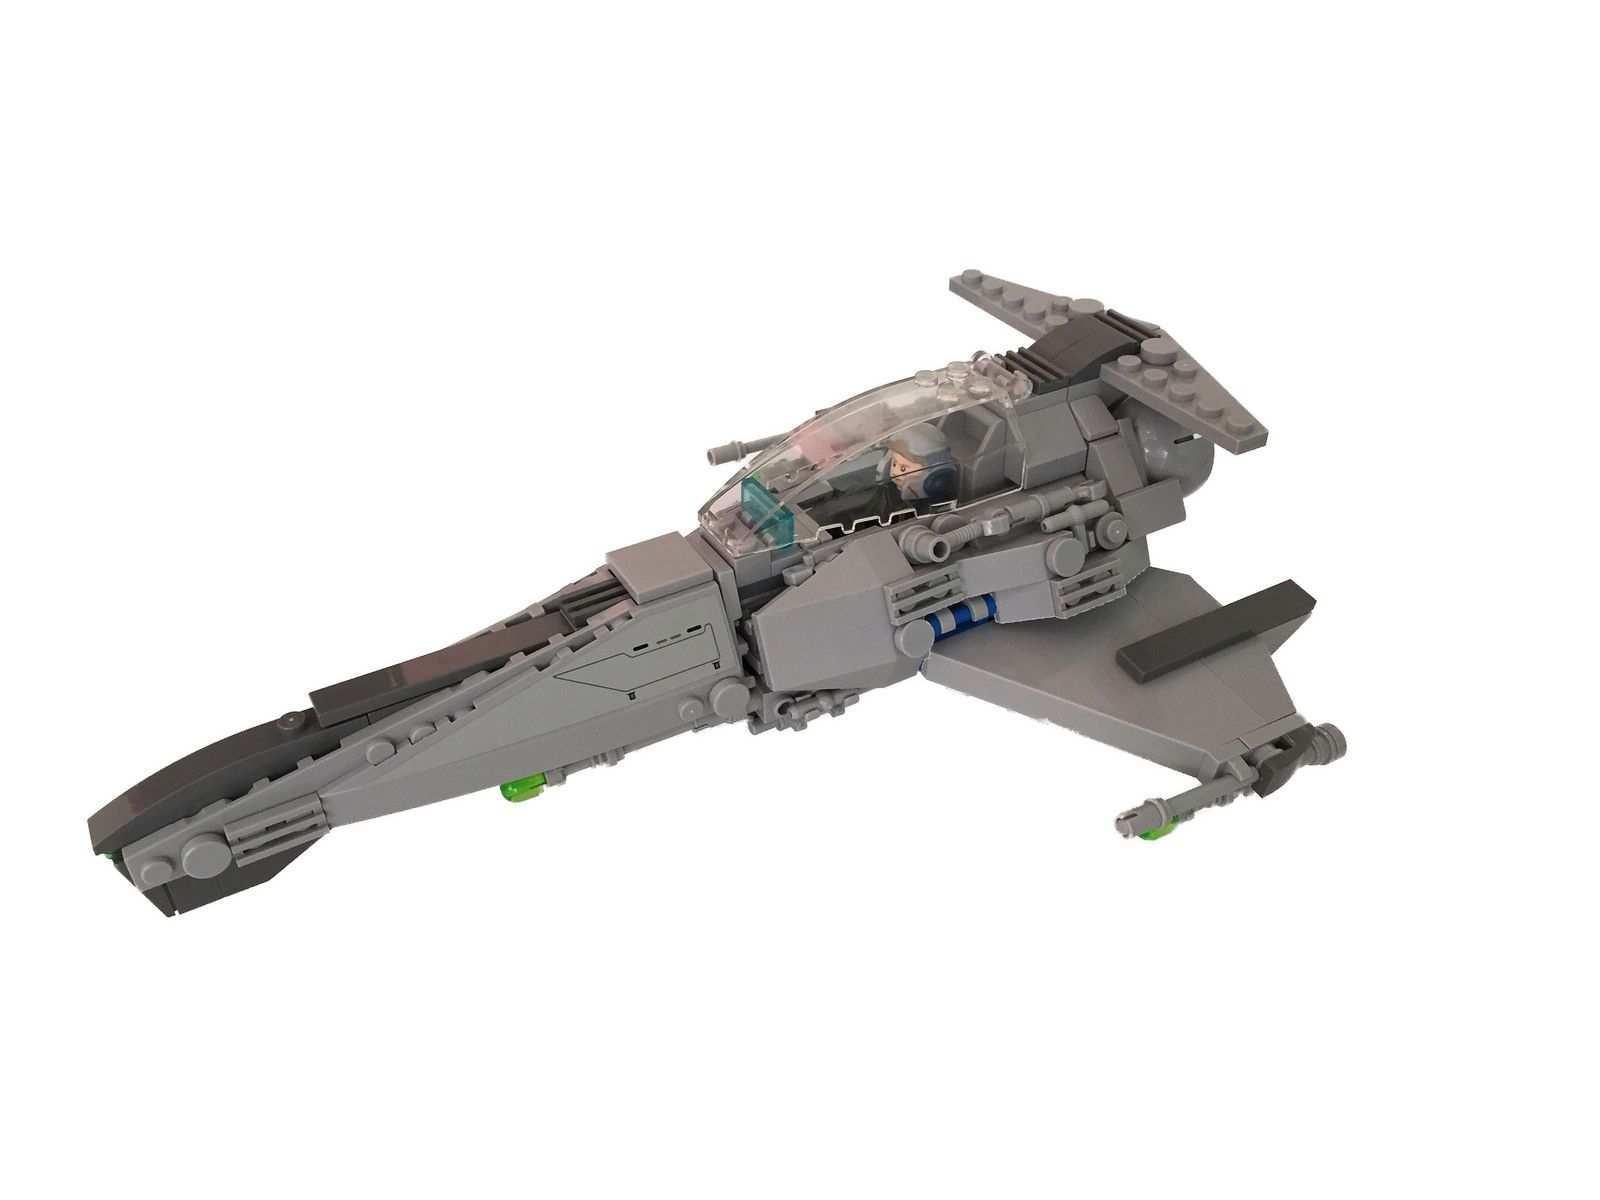 Generic Starfighter Starfighter Lego Design Lego Spaceship